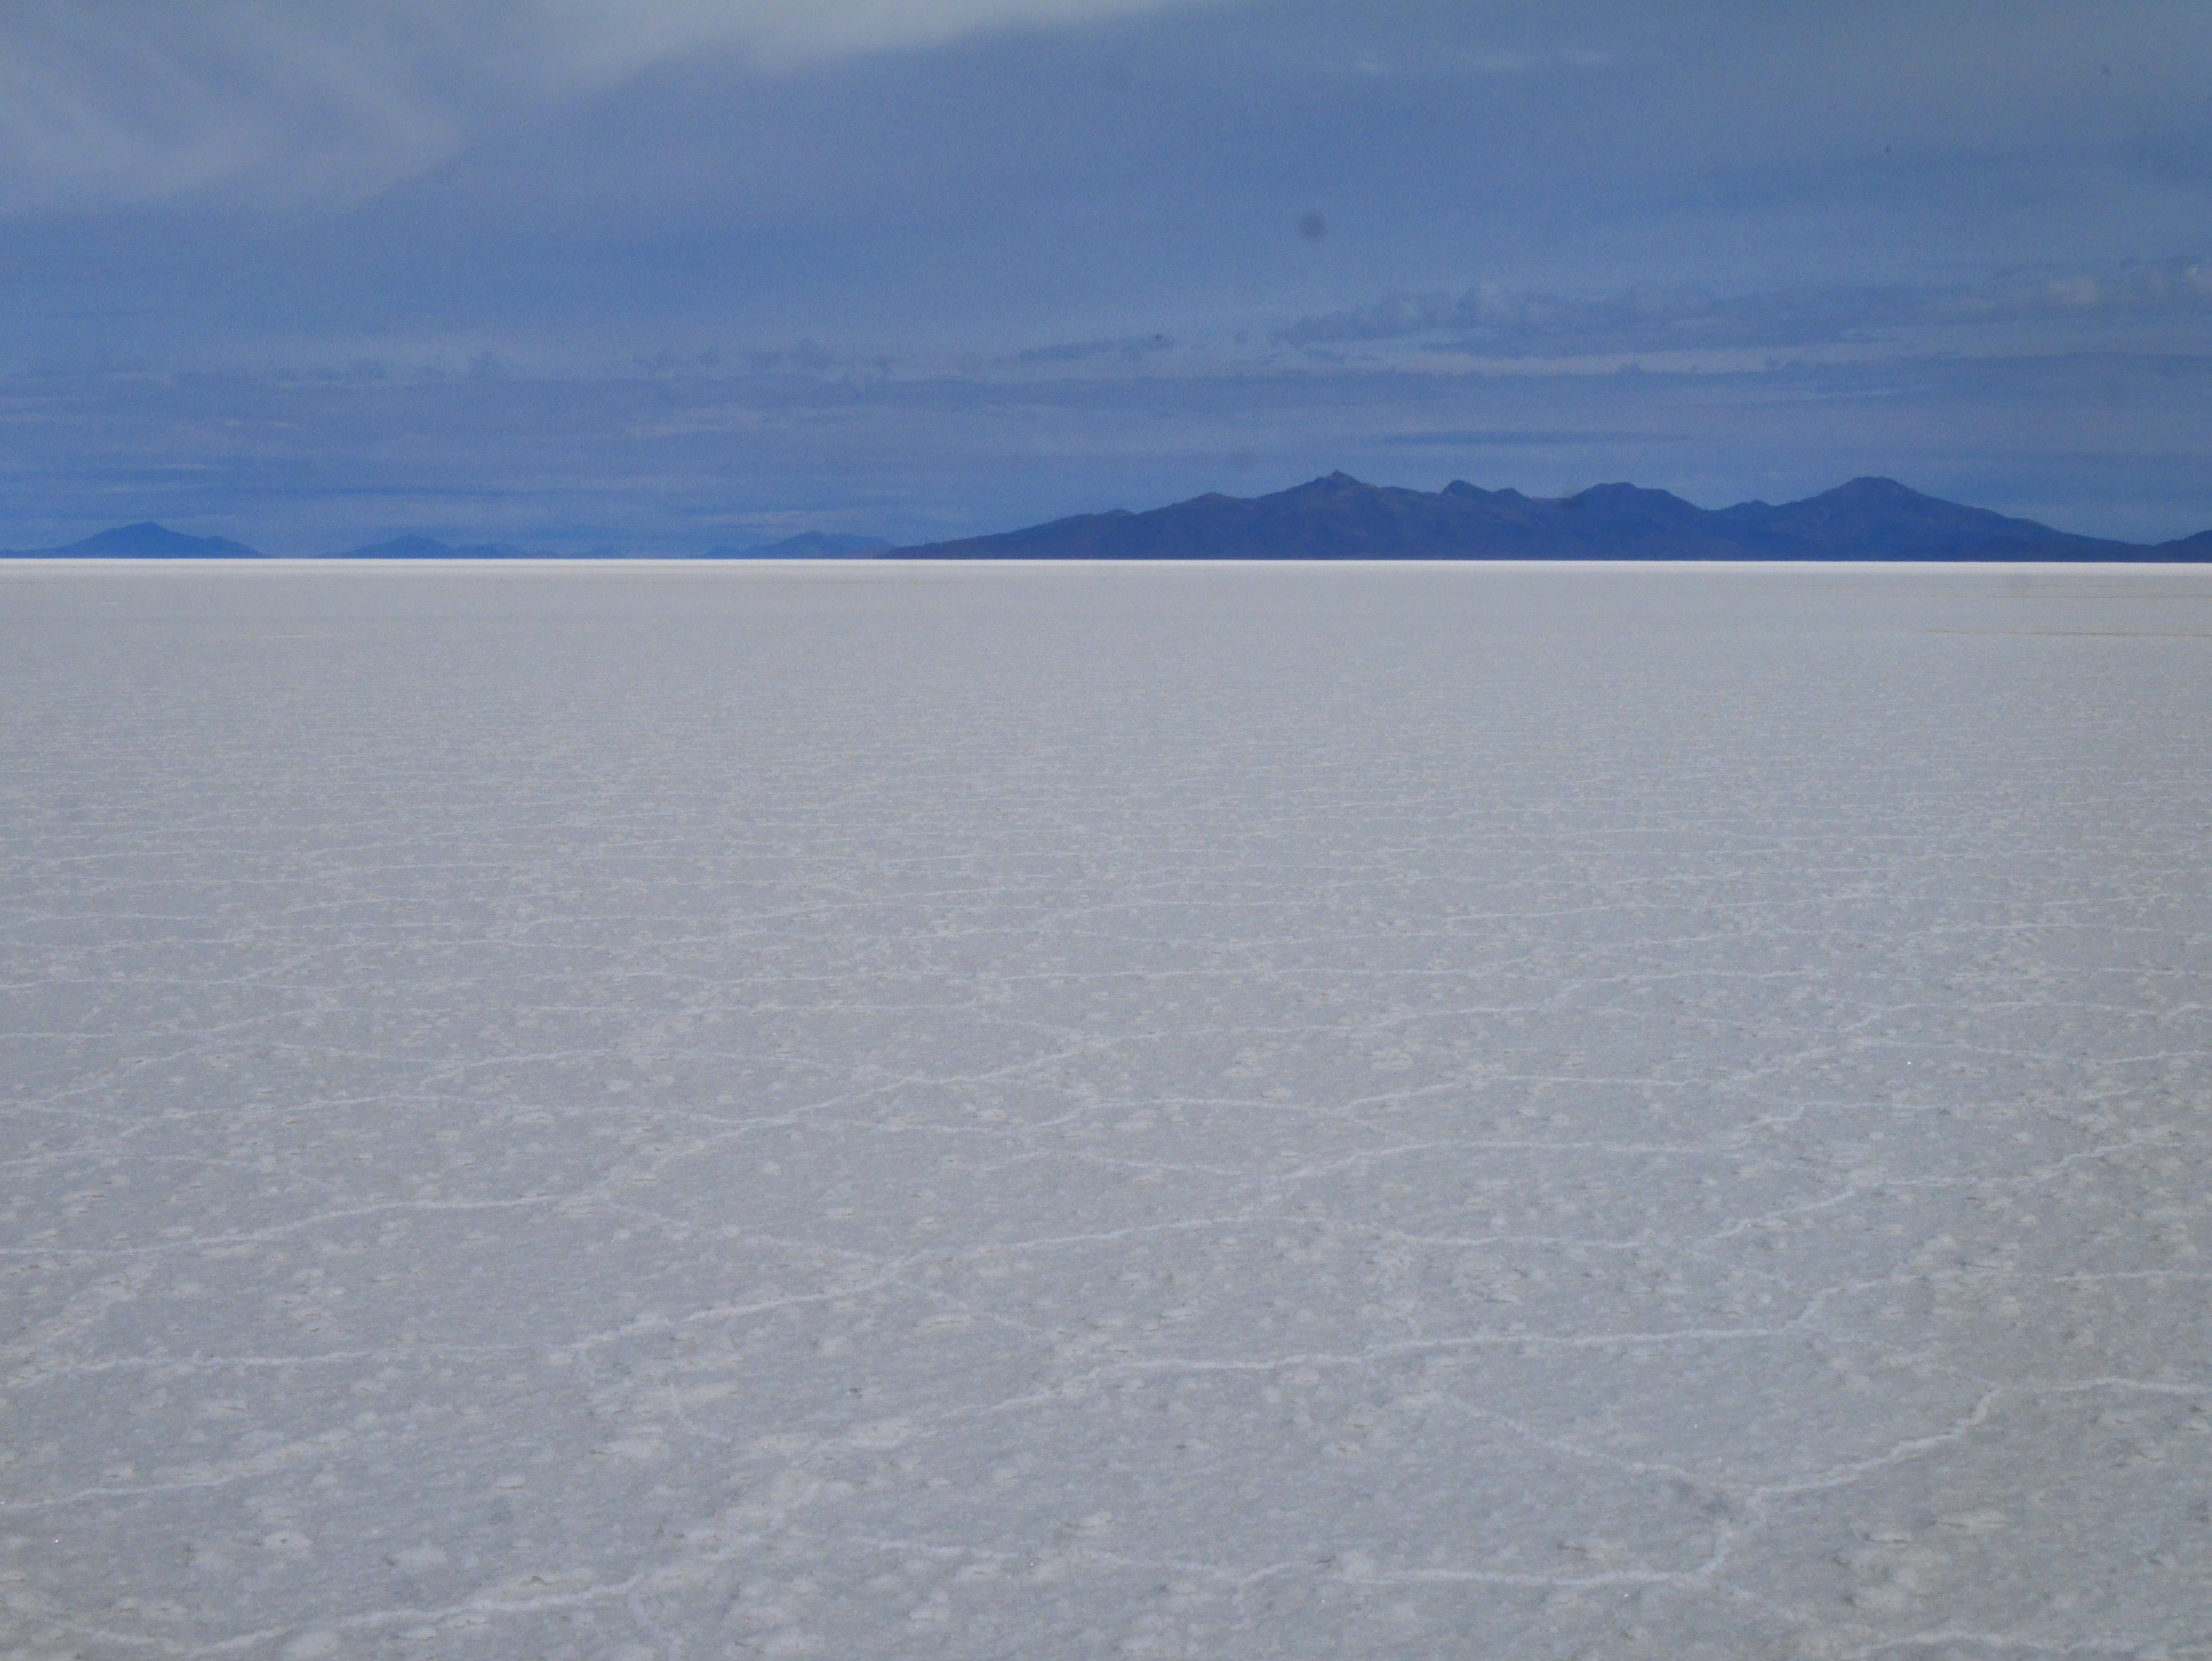 Salar de Uyuni Desert